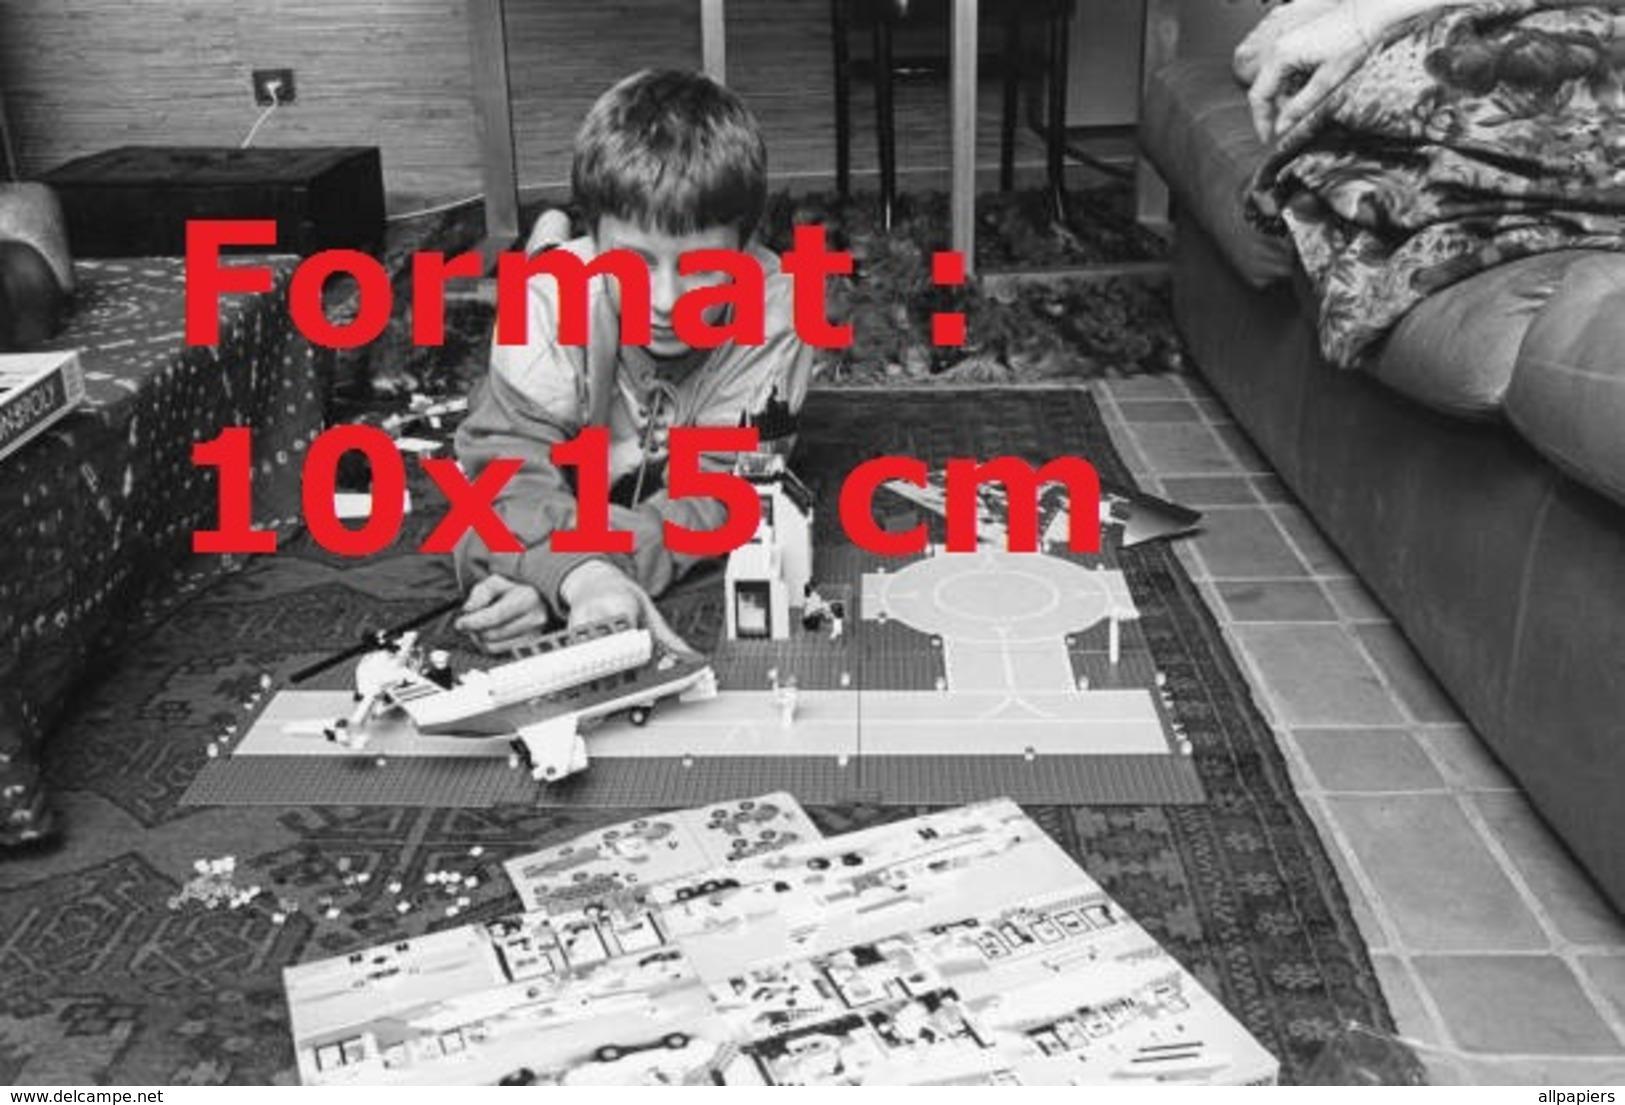 Reproduction D'une Photographie Ancienne D'un Enfant Jouant Avec Un Avion Sur Aéroport Fabriqué En Lego En 1986 - Riproduzioni